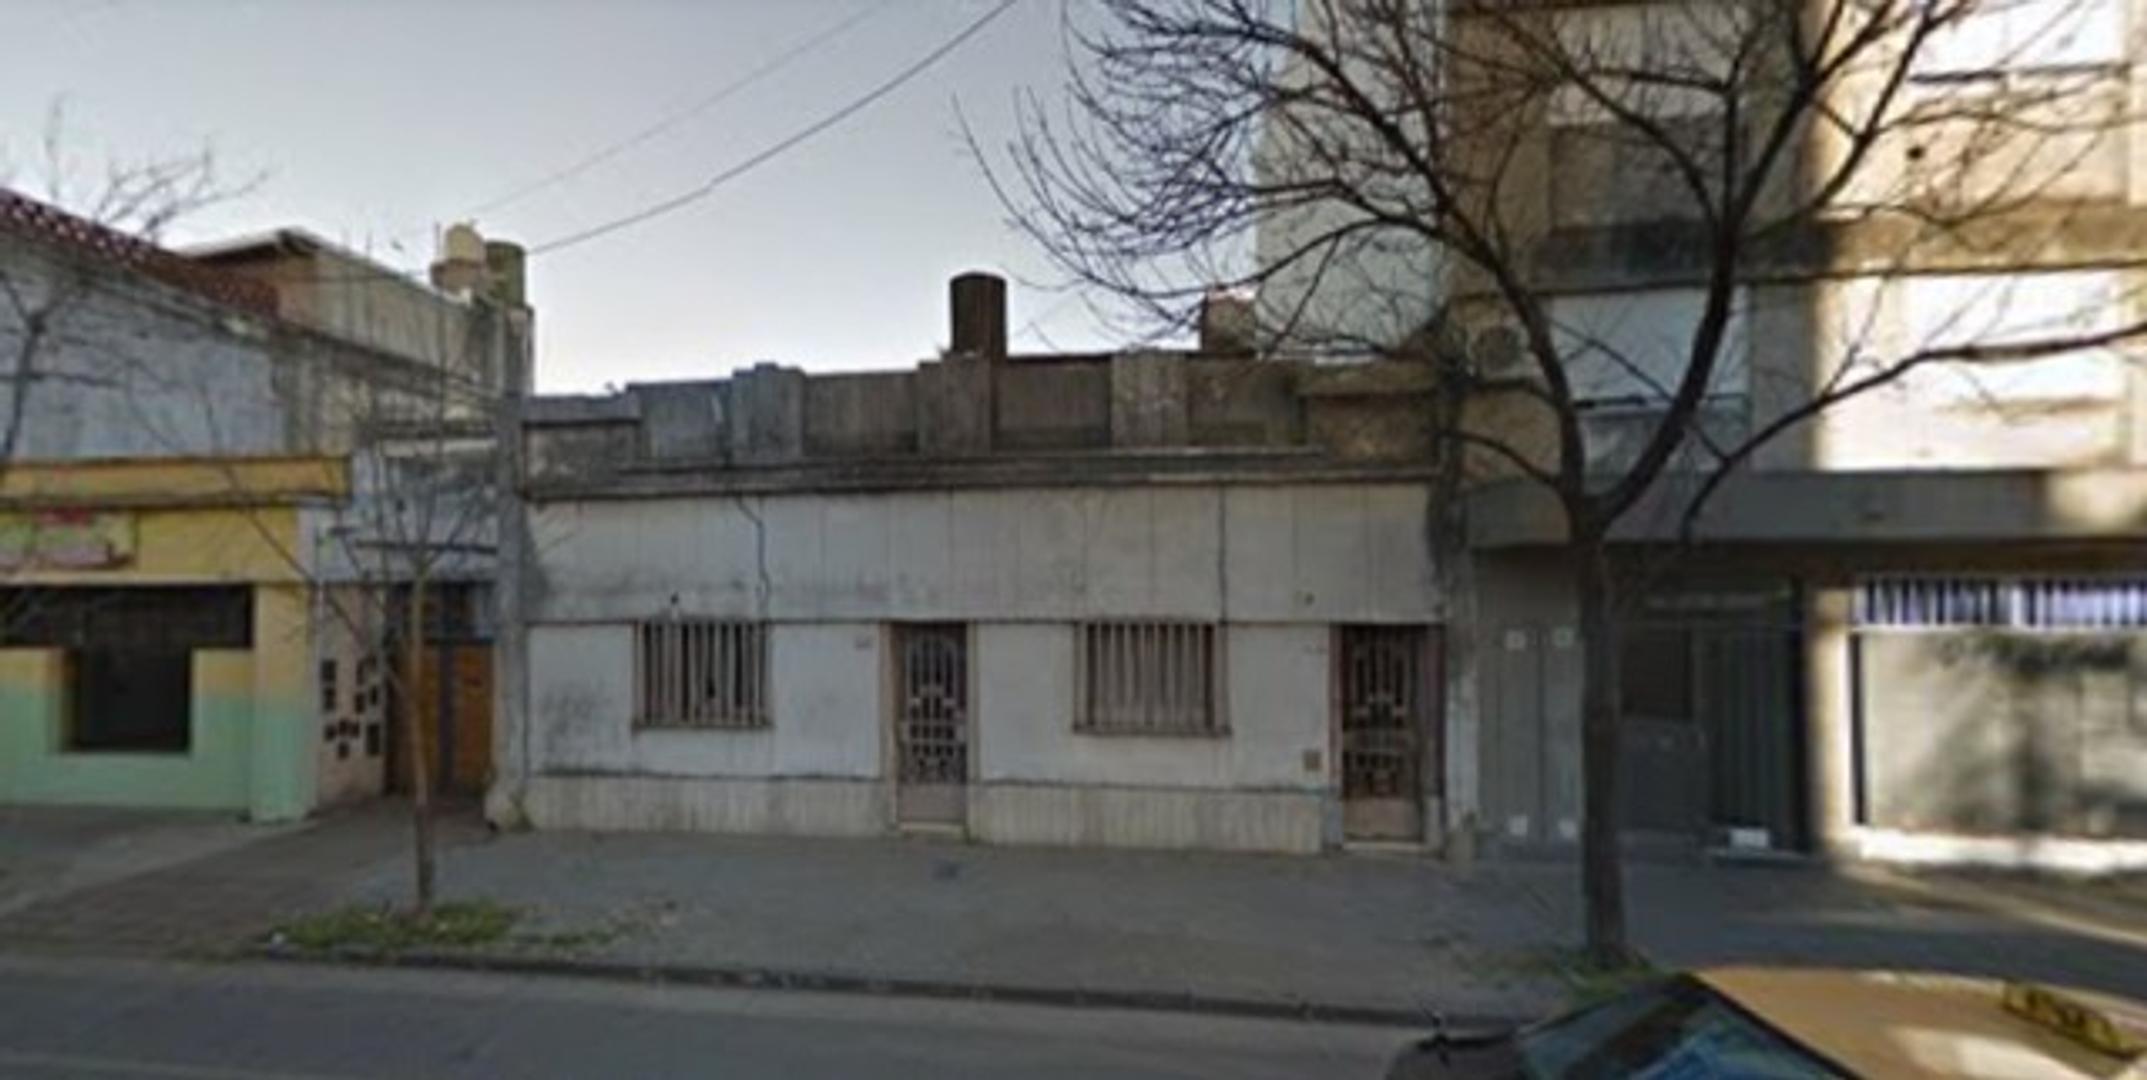 ATENCION CONSTRUCTORES - Buenos Aires 2530